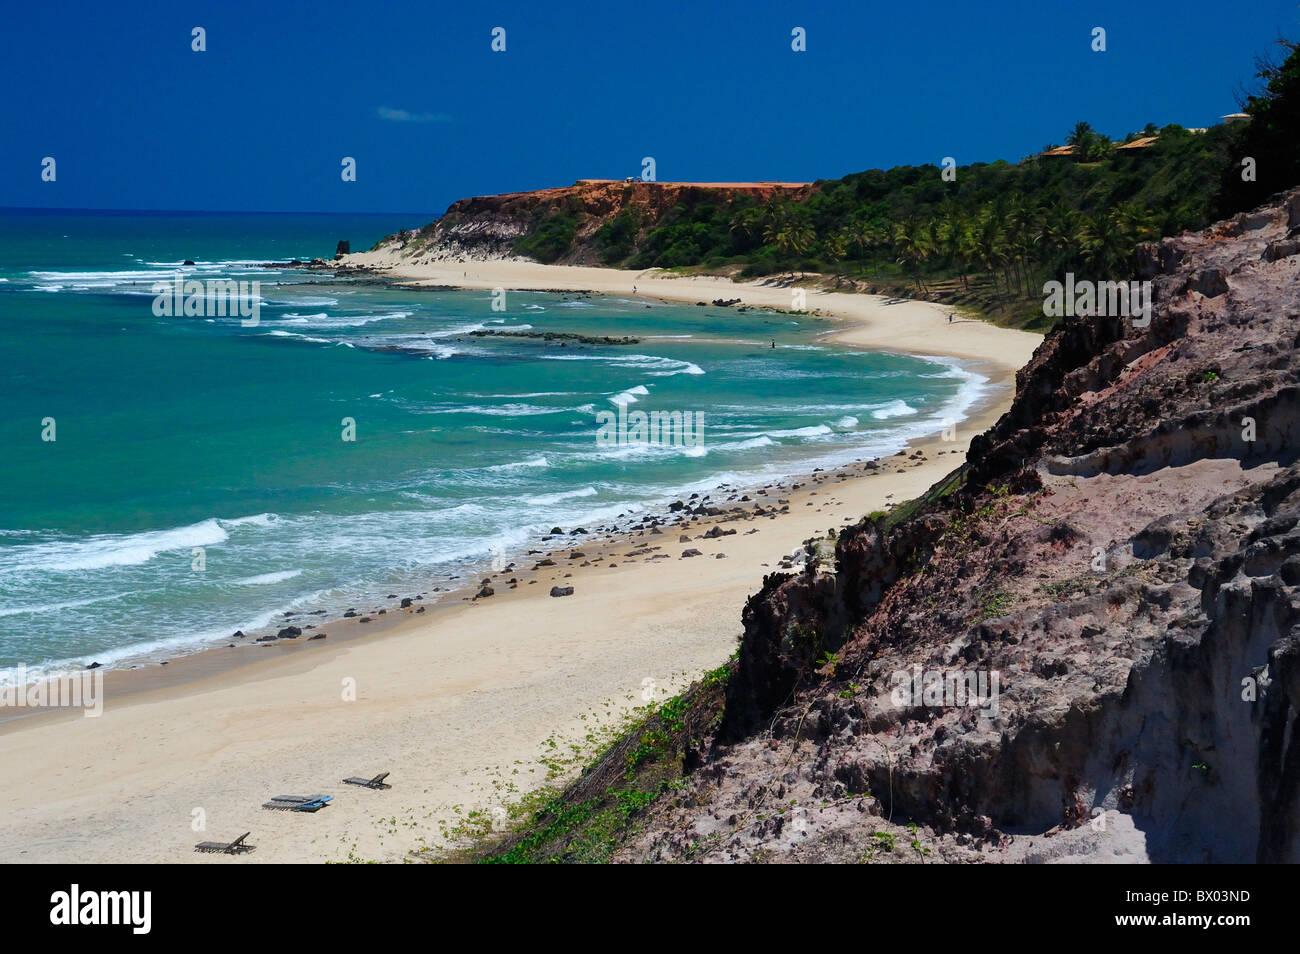 Vista elevada de Praia do Amor, Playa de Pipa, Brasil. Imagen De Stock